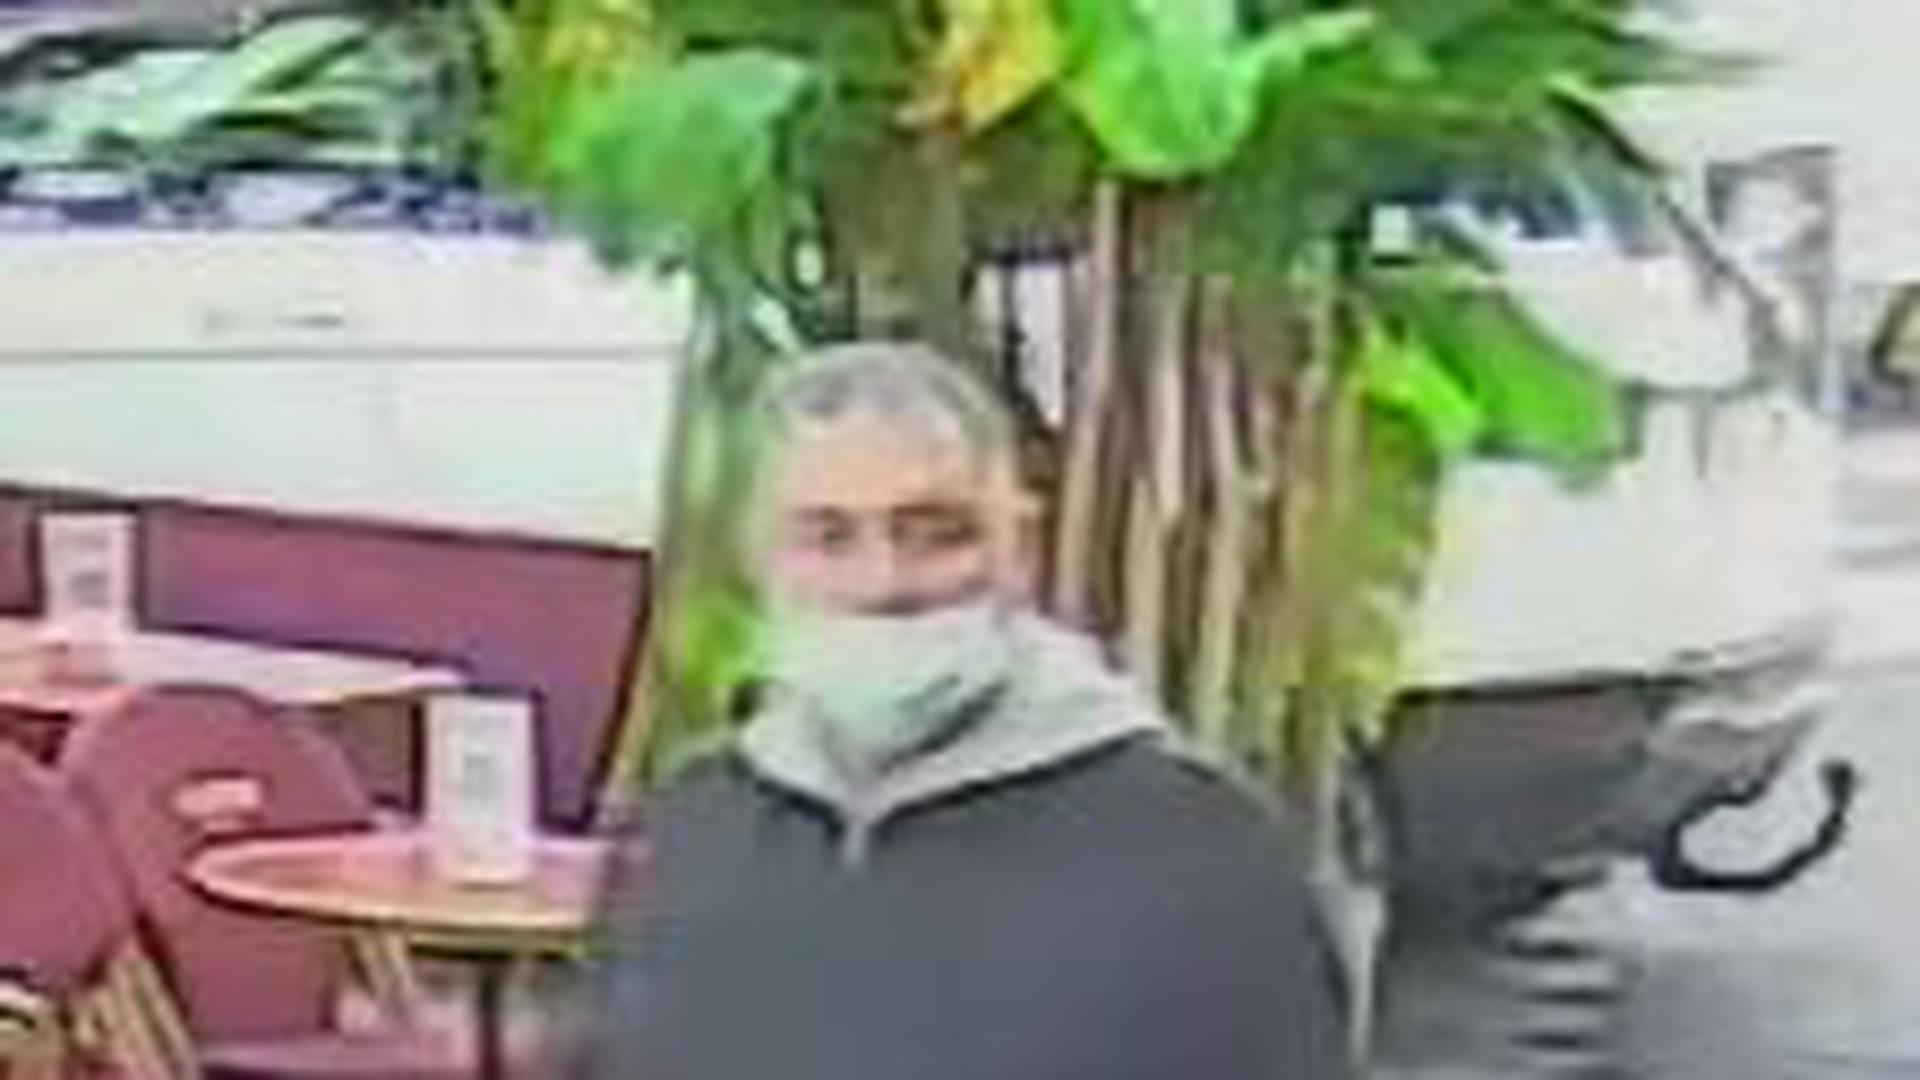 Wer kennt diesen Mann? Die Polizei sucht ihn im Zusammenhang mit einem mysteriösen Todesfall in Baden-Baden.